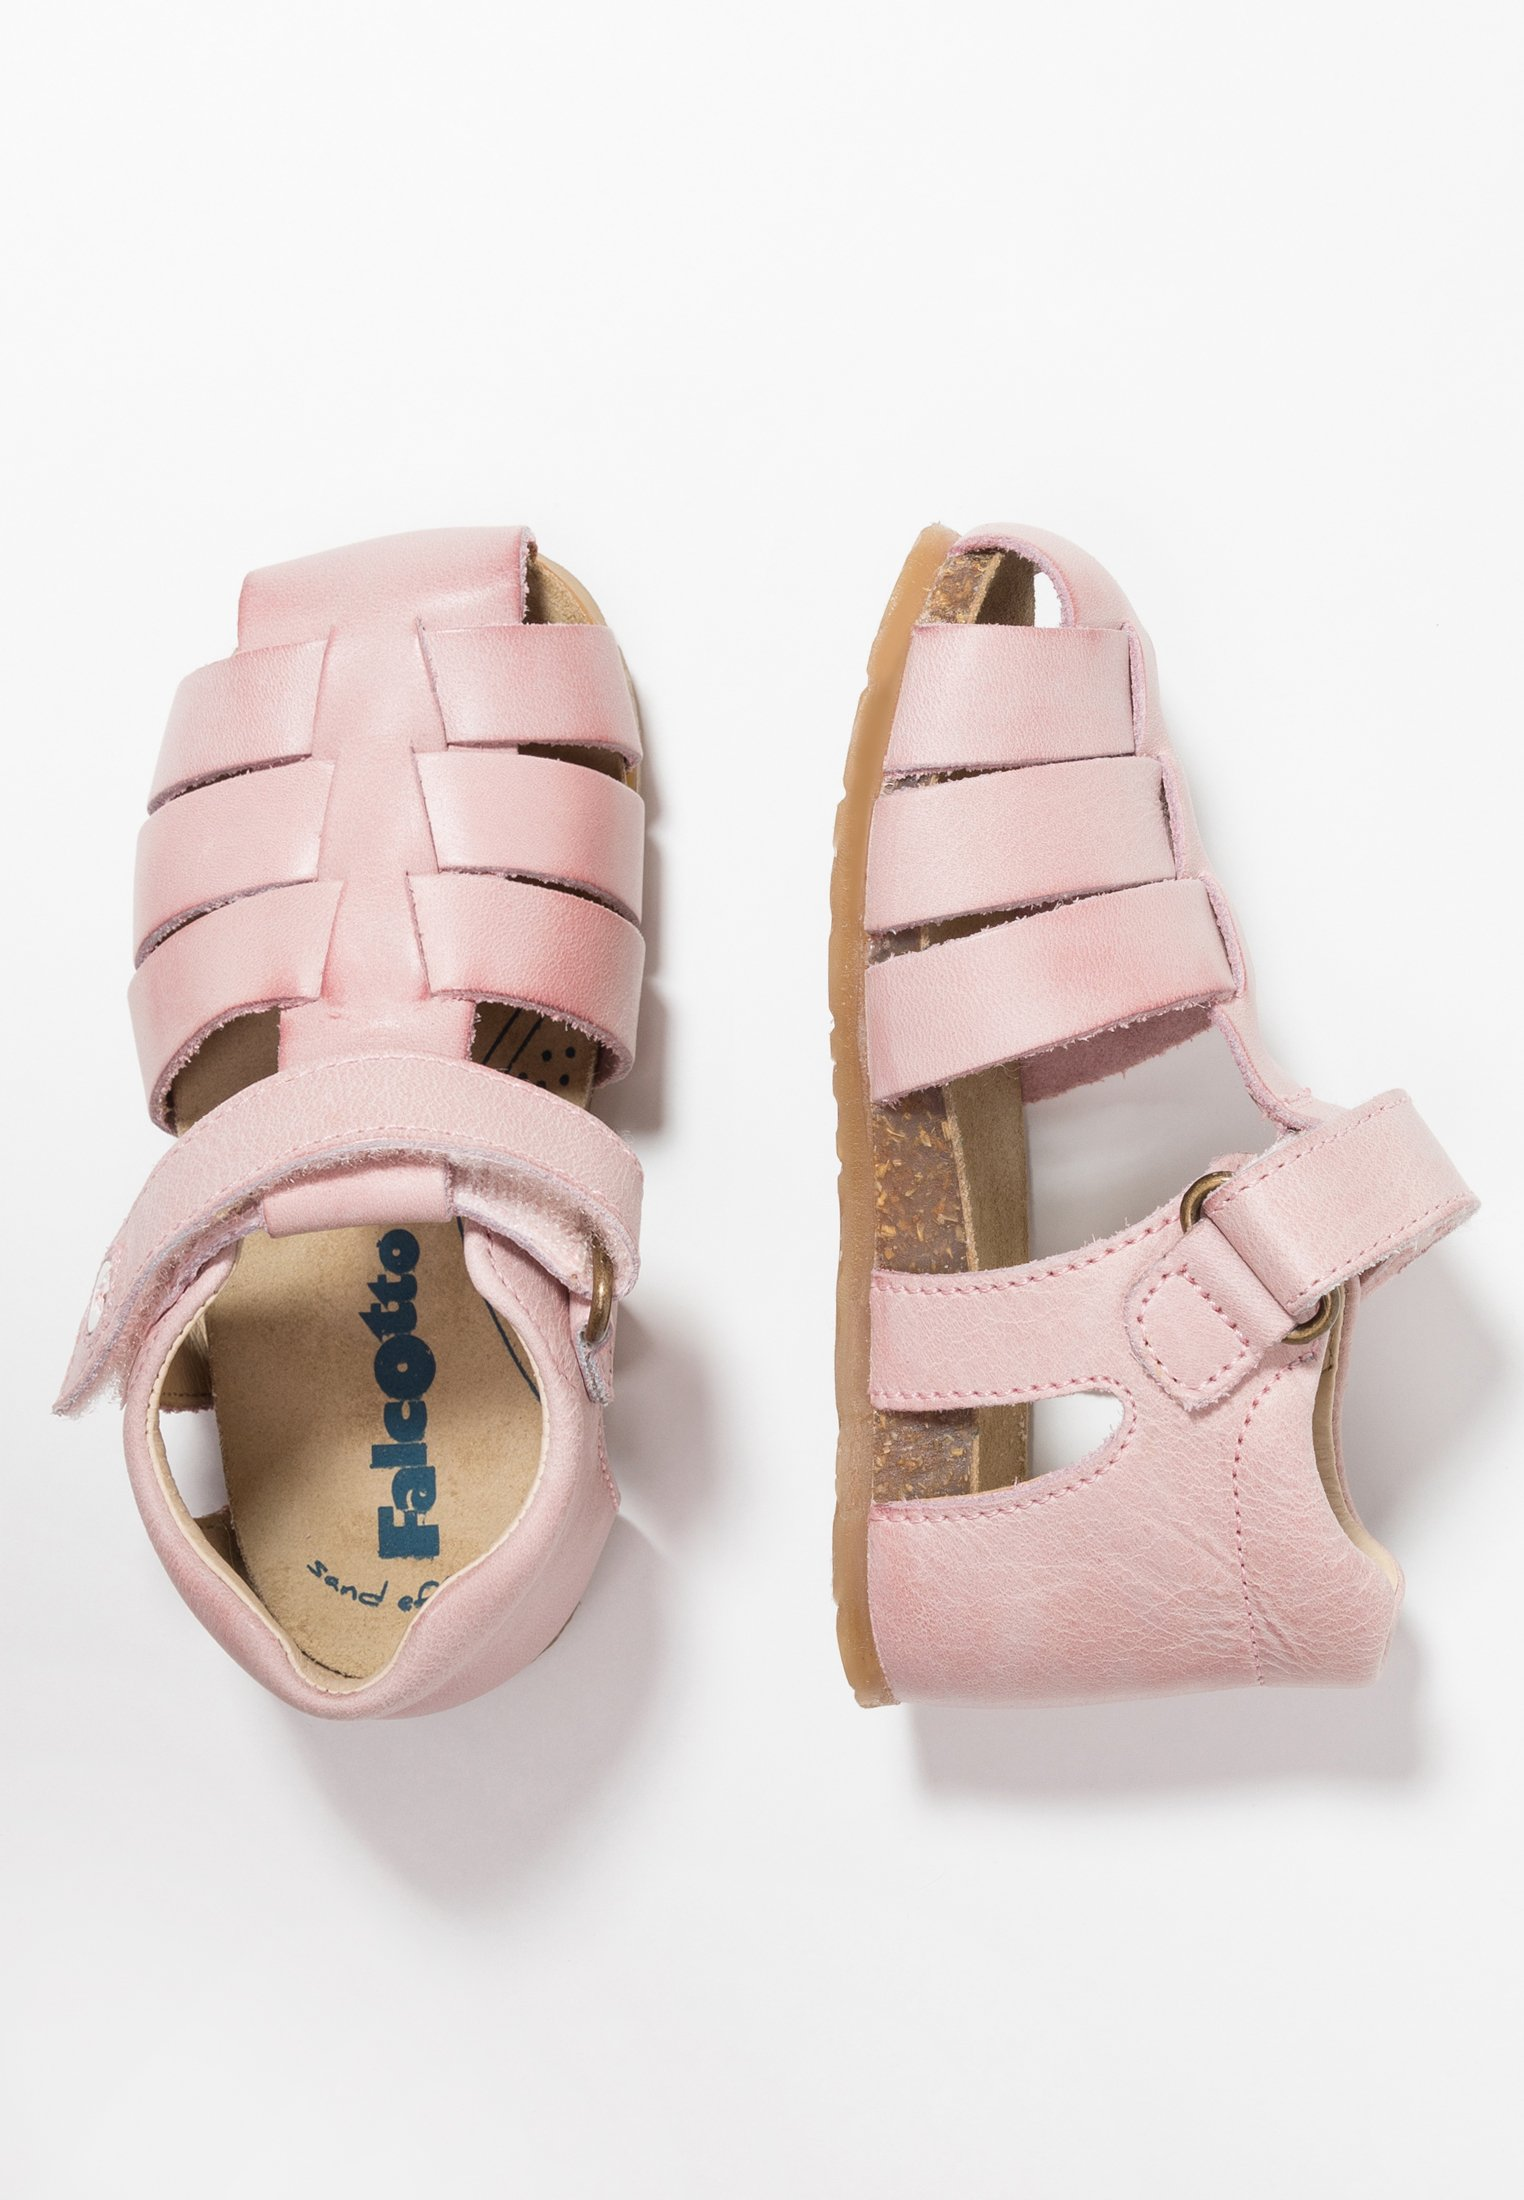 Børn ALBY halboffener - Lær-at-gå-sko